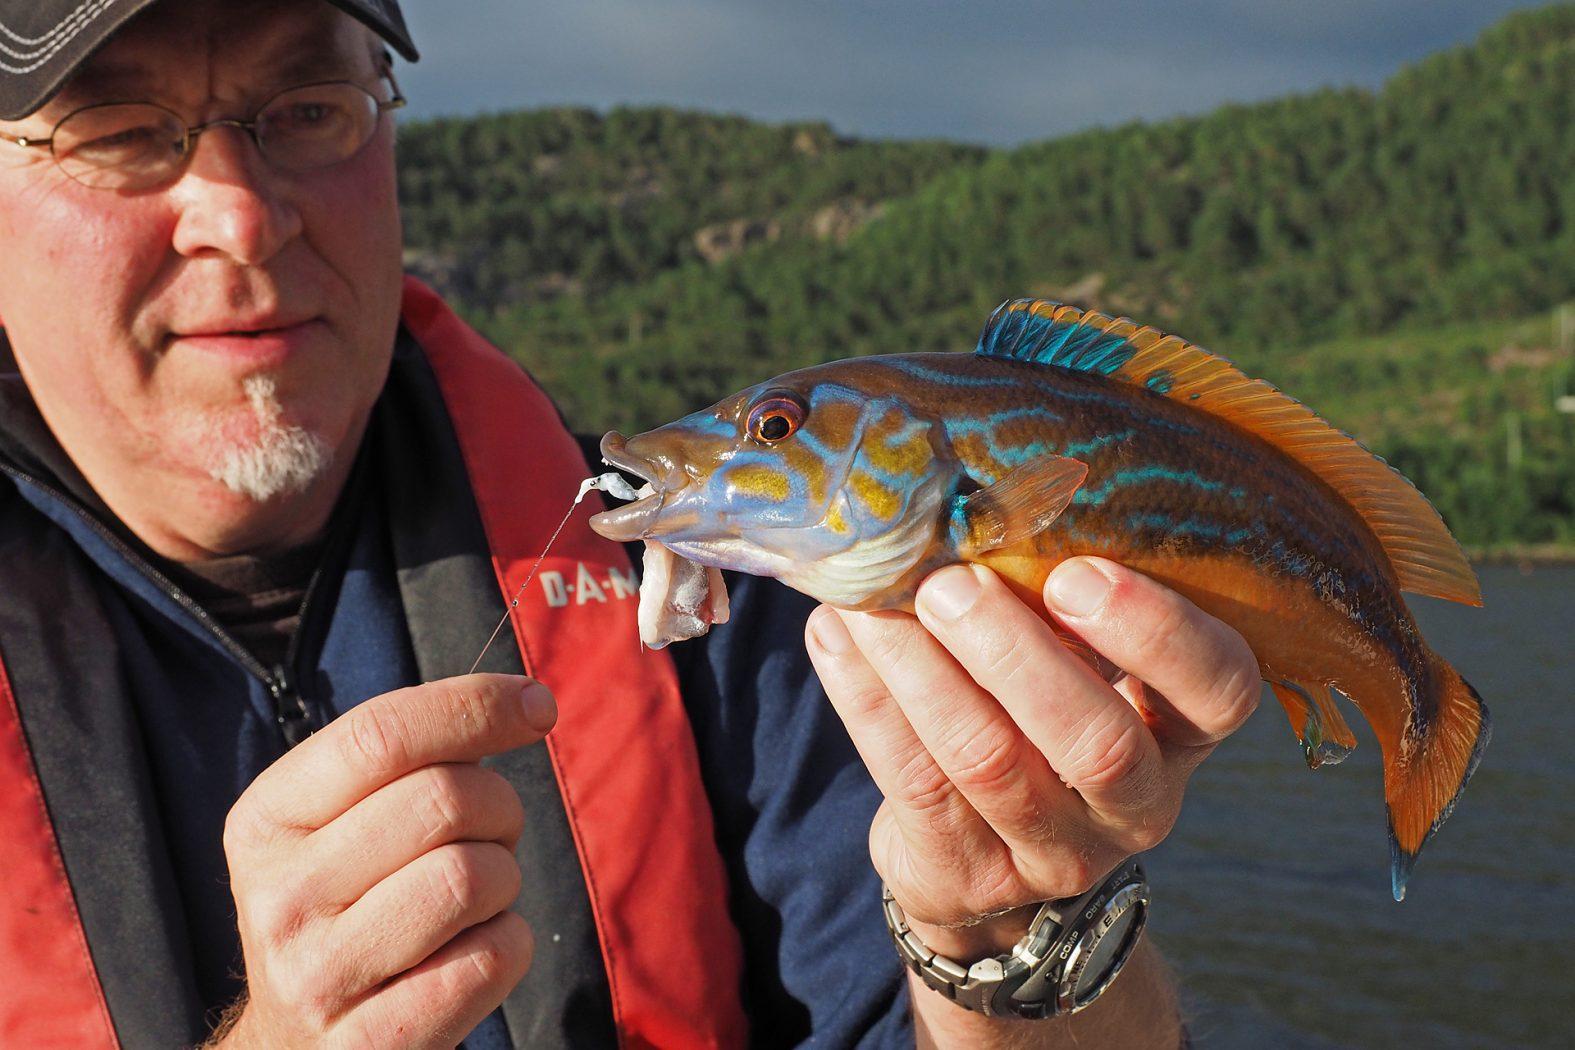 Lippfisch angeln mit Pose